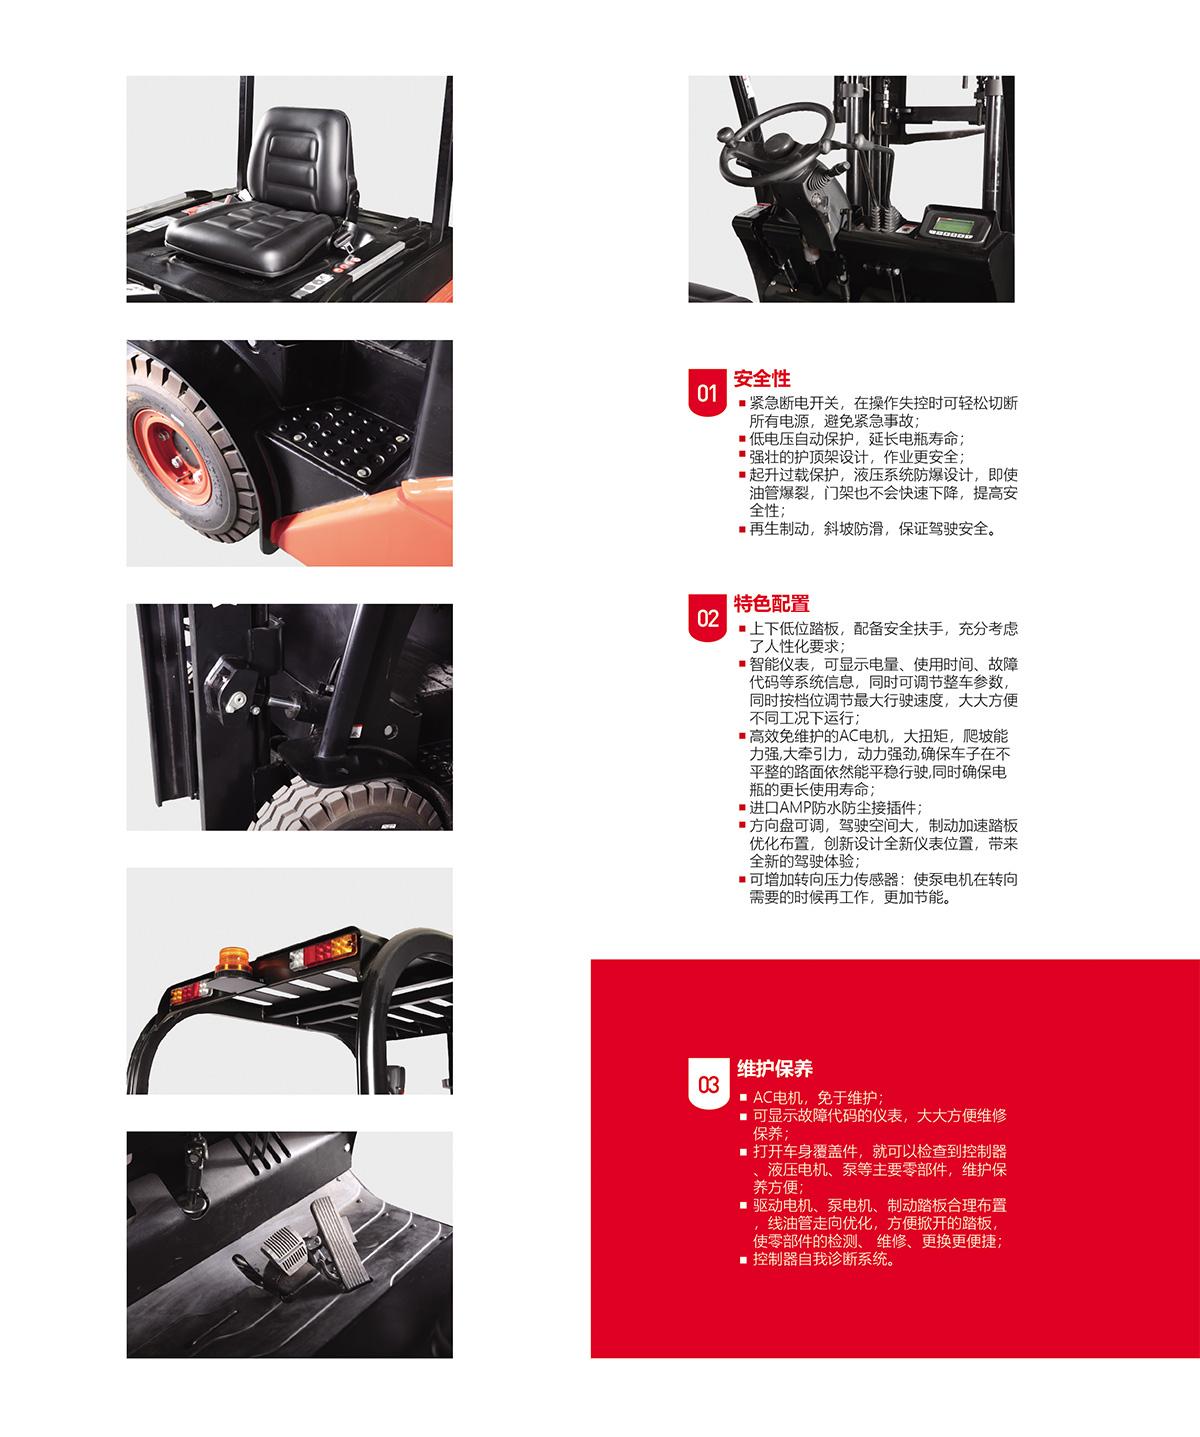 中力 2.0/2.5吨电动平衡重叉车 CPD20/25F8